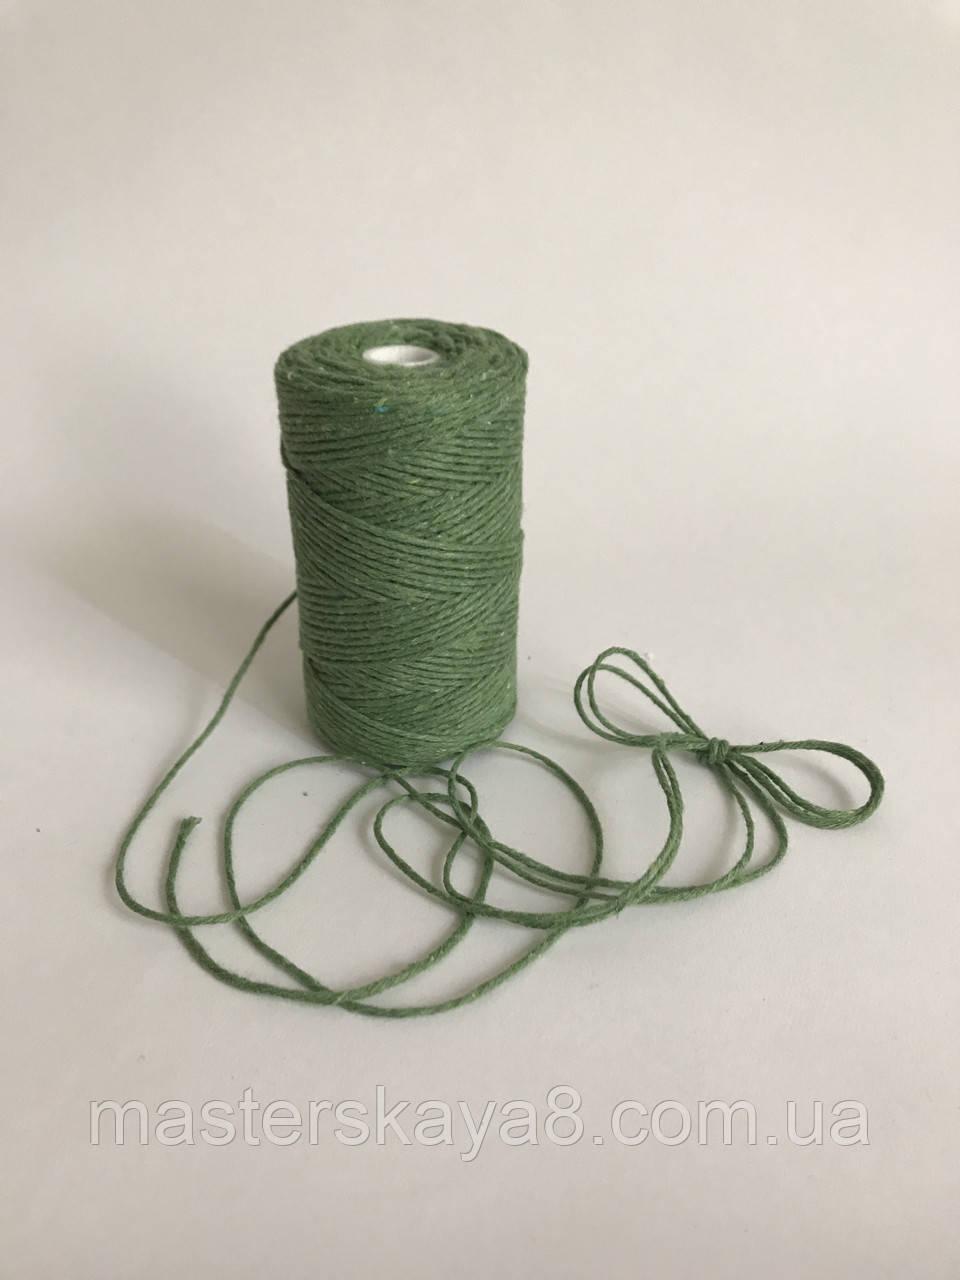 Кольоровий шпагат 100 м, декоративна нитка для упаковки, зелений